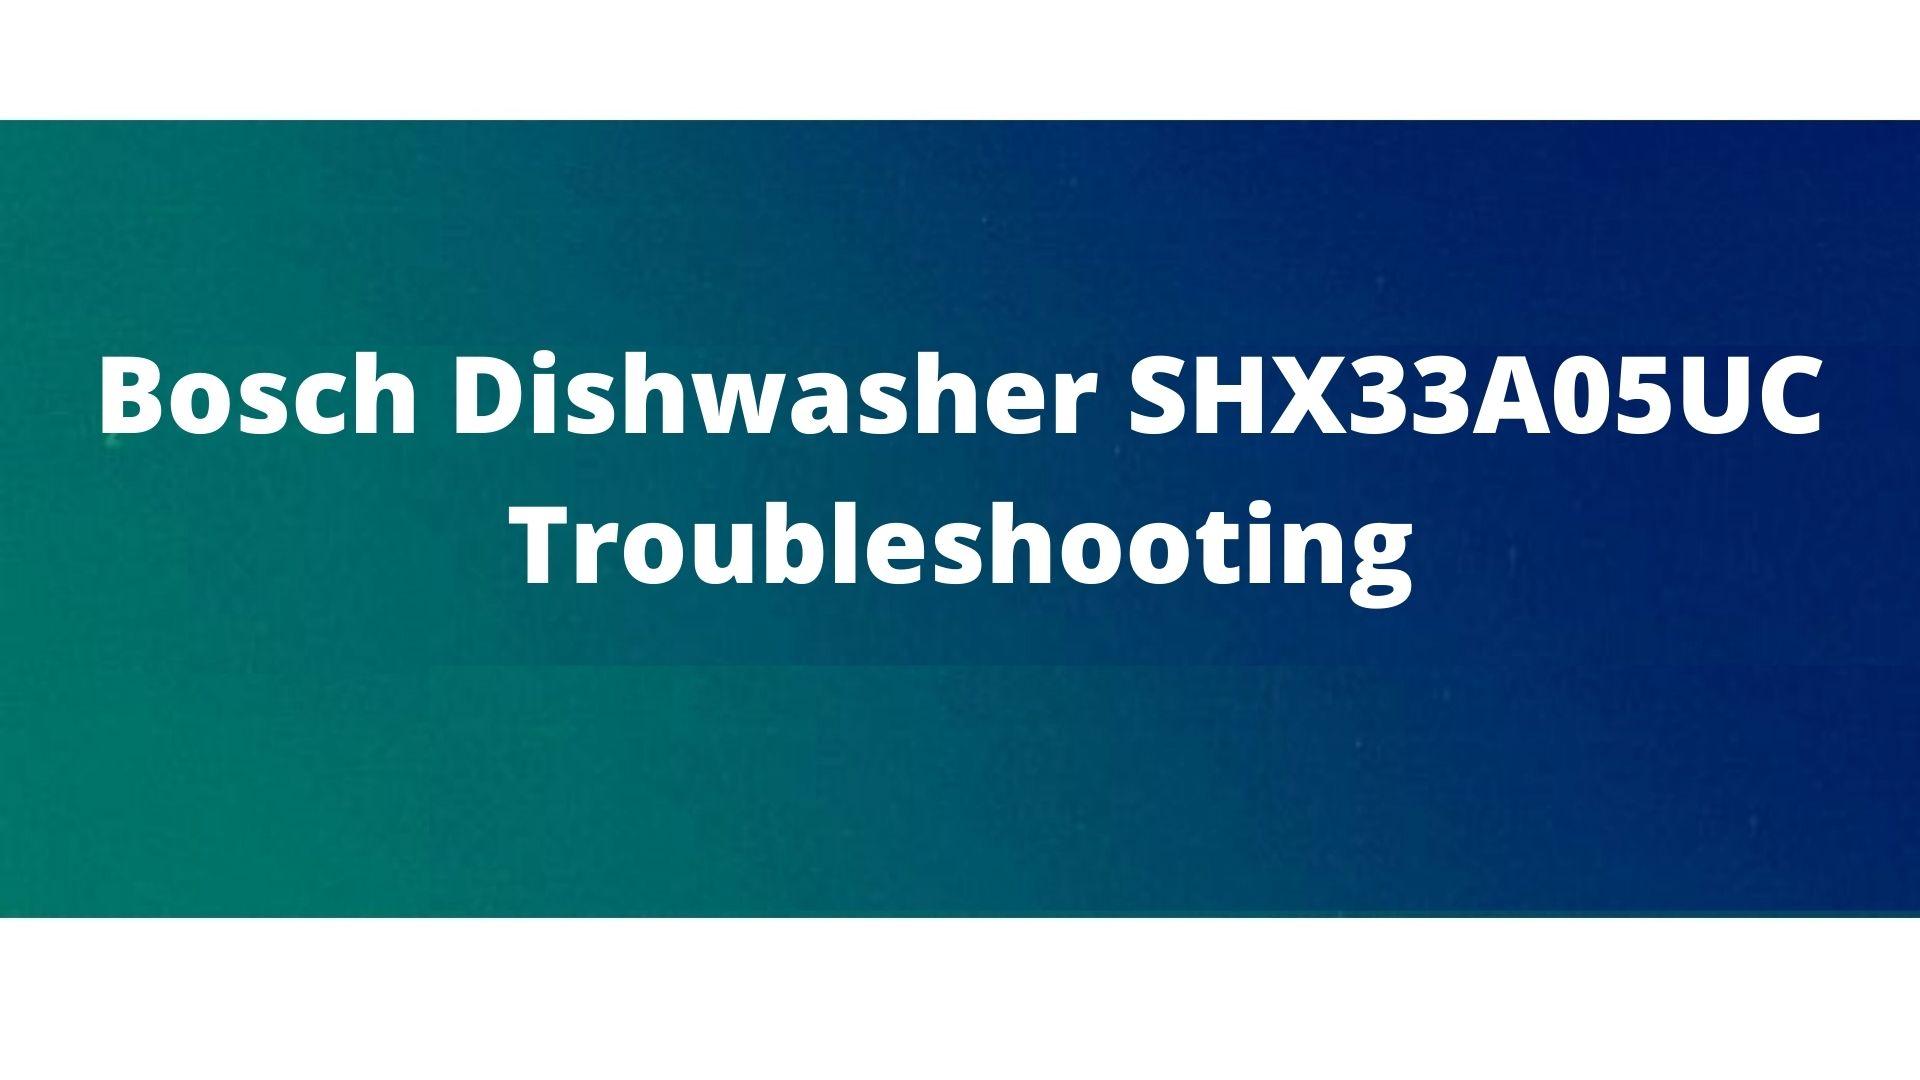 Problems in Bosch dishwasher